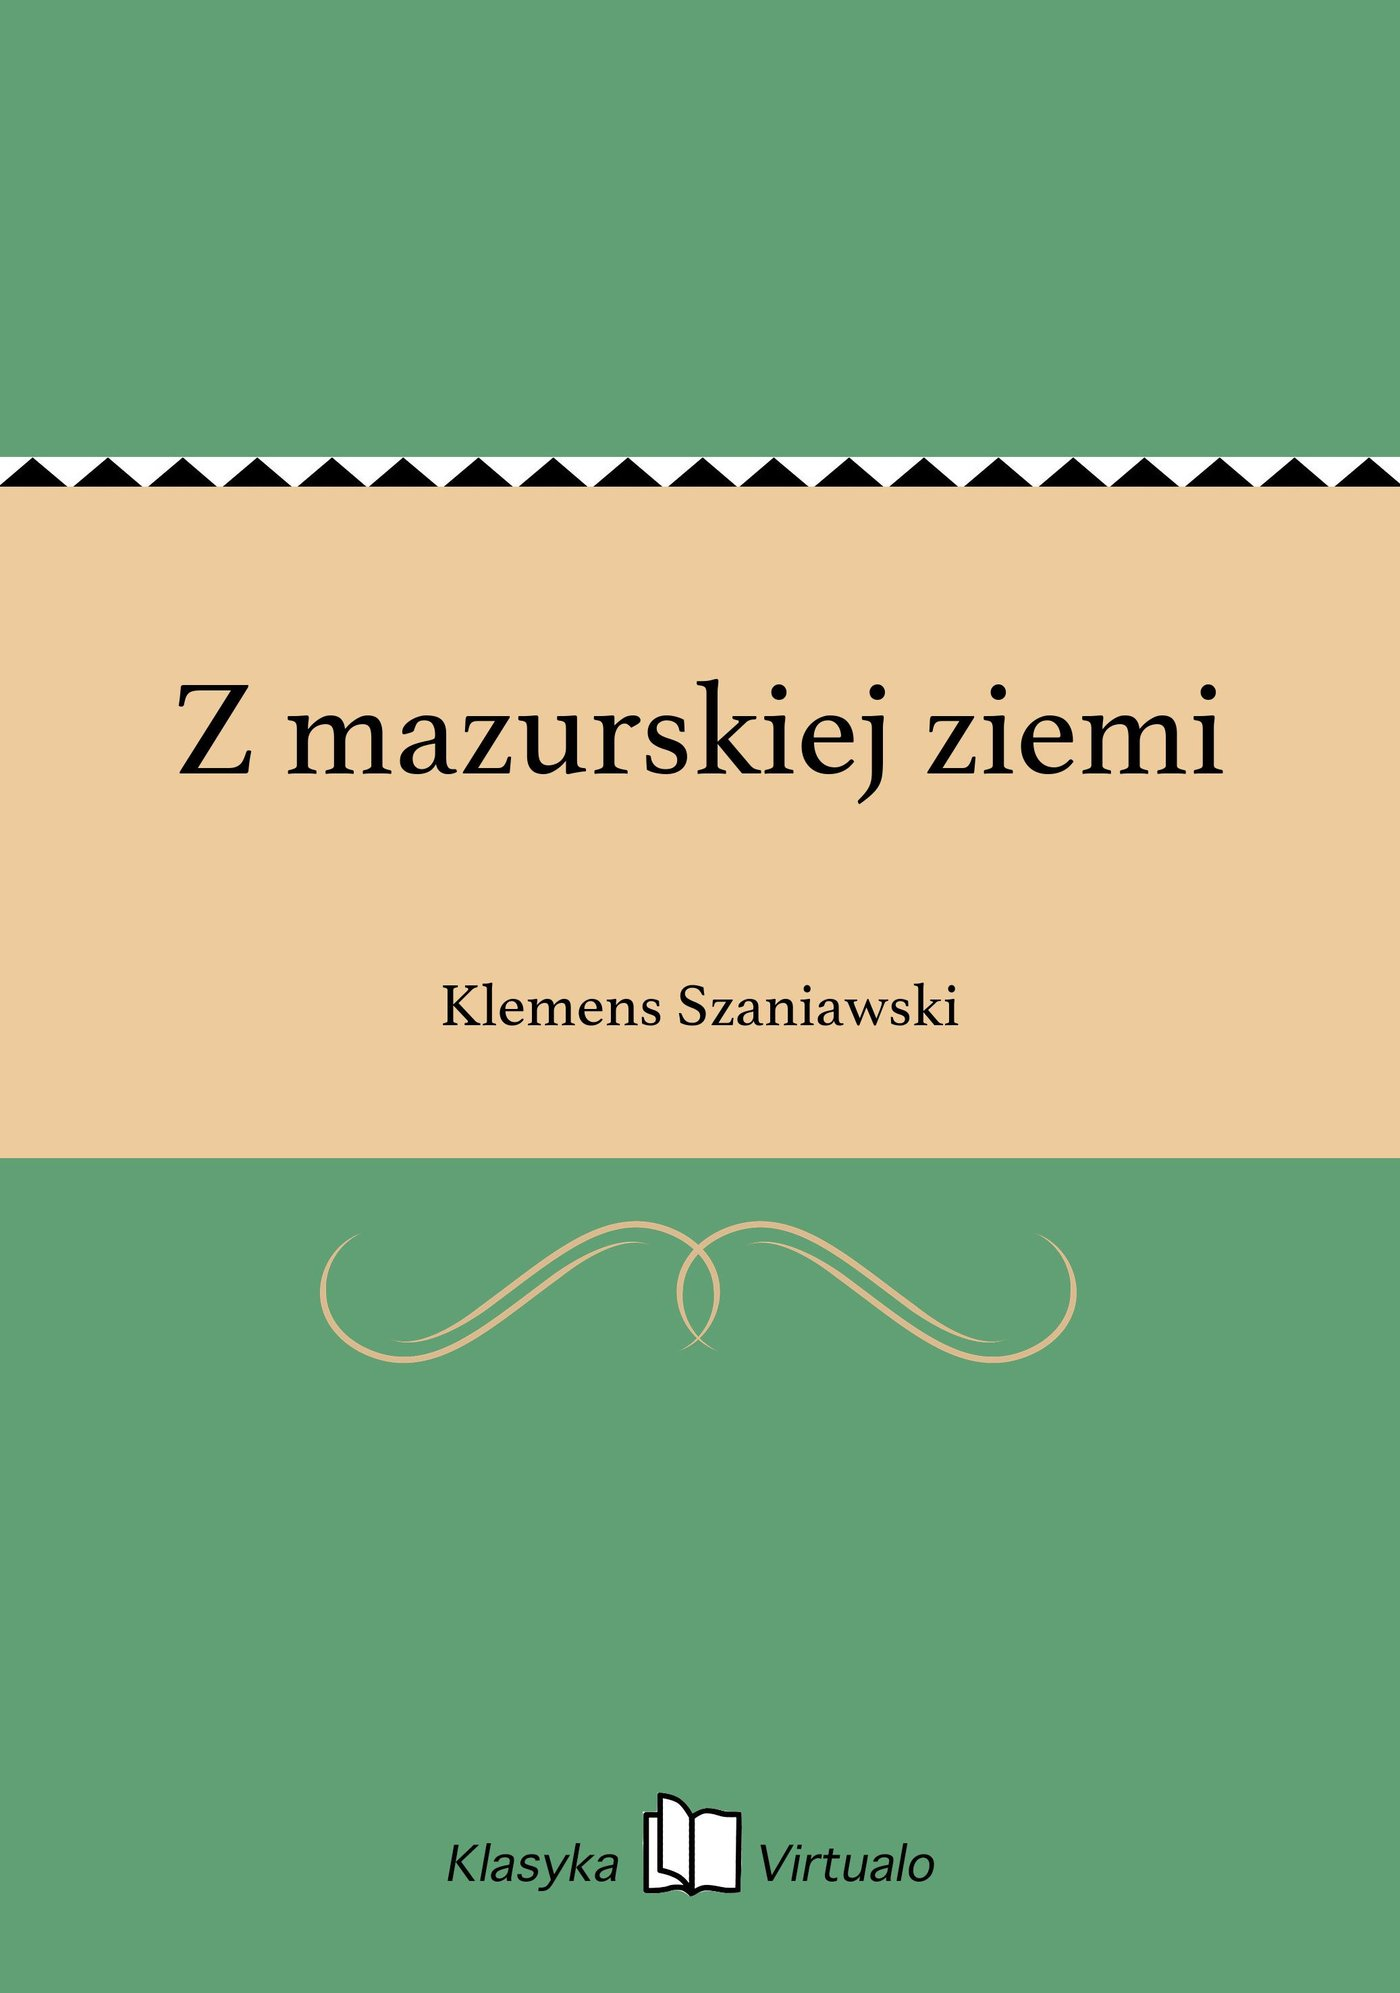 Z mazurskiej ziemi - Ebook (Książka na Kindle) do pobrania w formacie MOBI